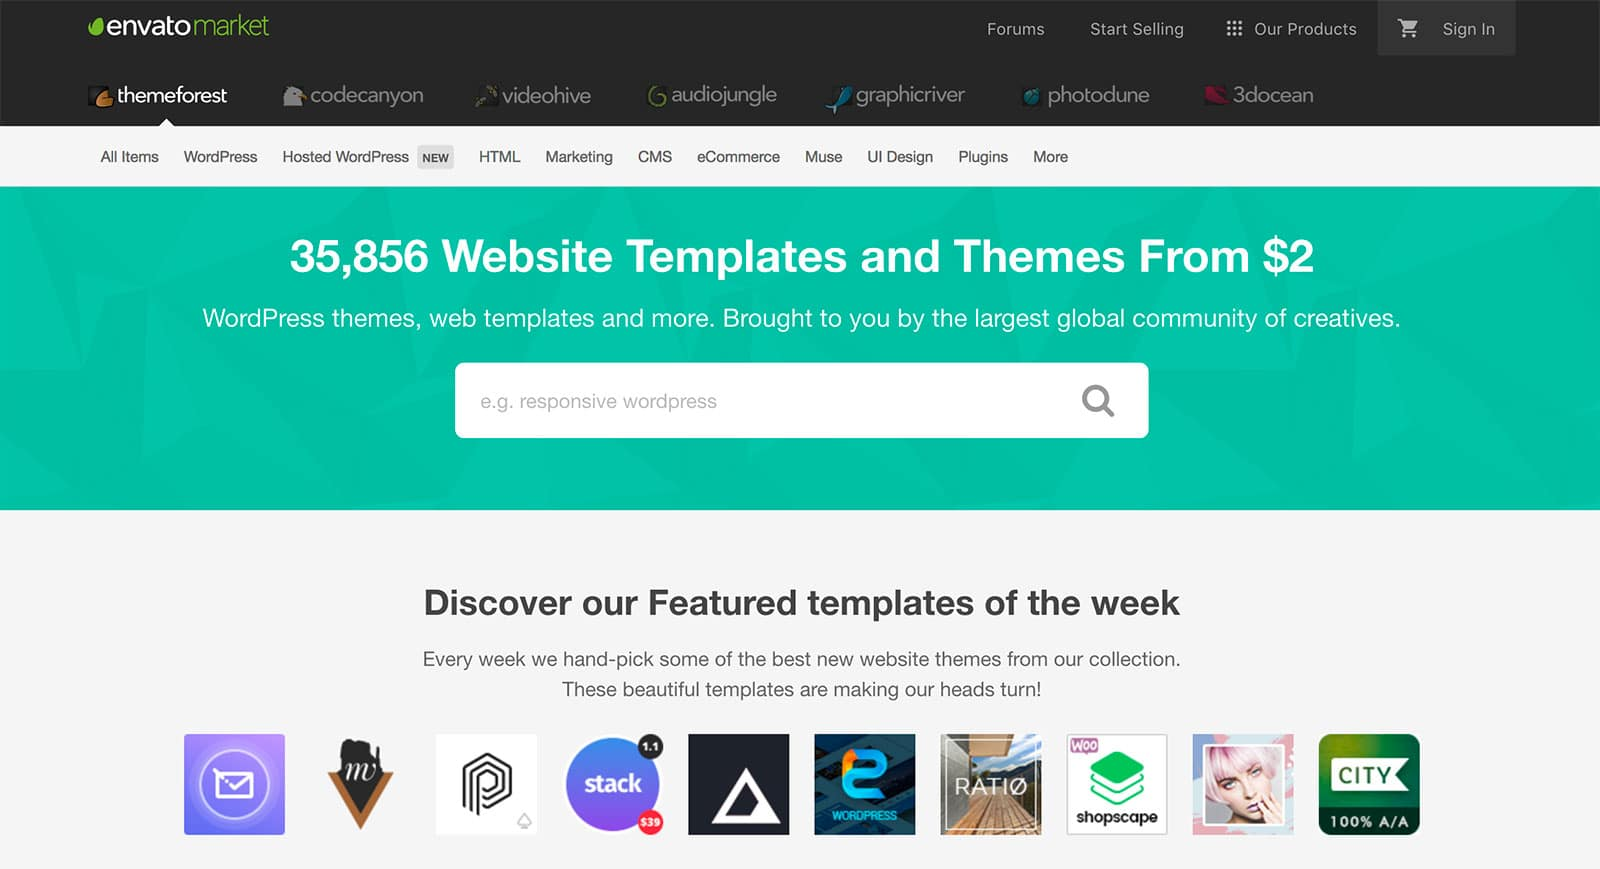 - Tre temi di affiliazione WordPress - Tre temi di affiliazione WordPress